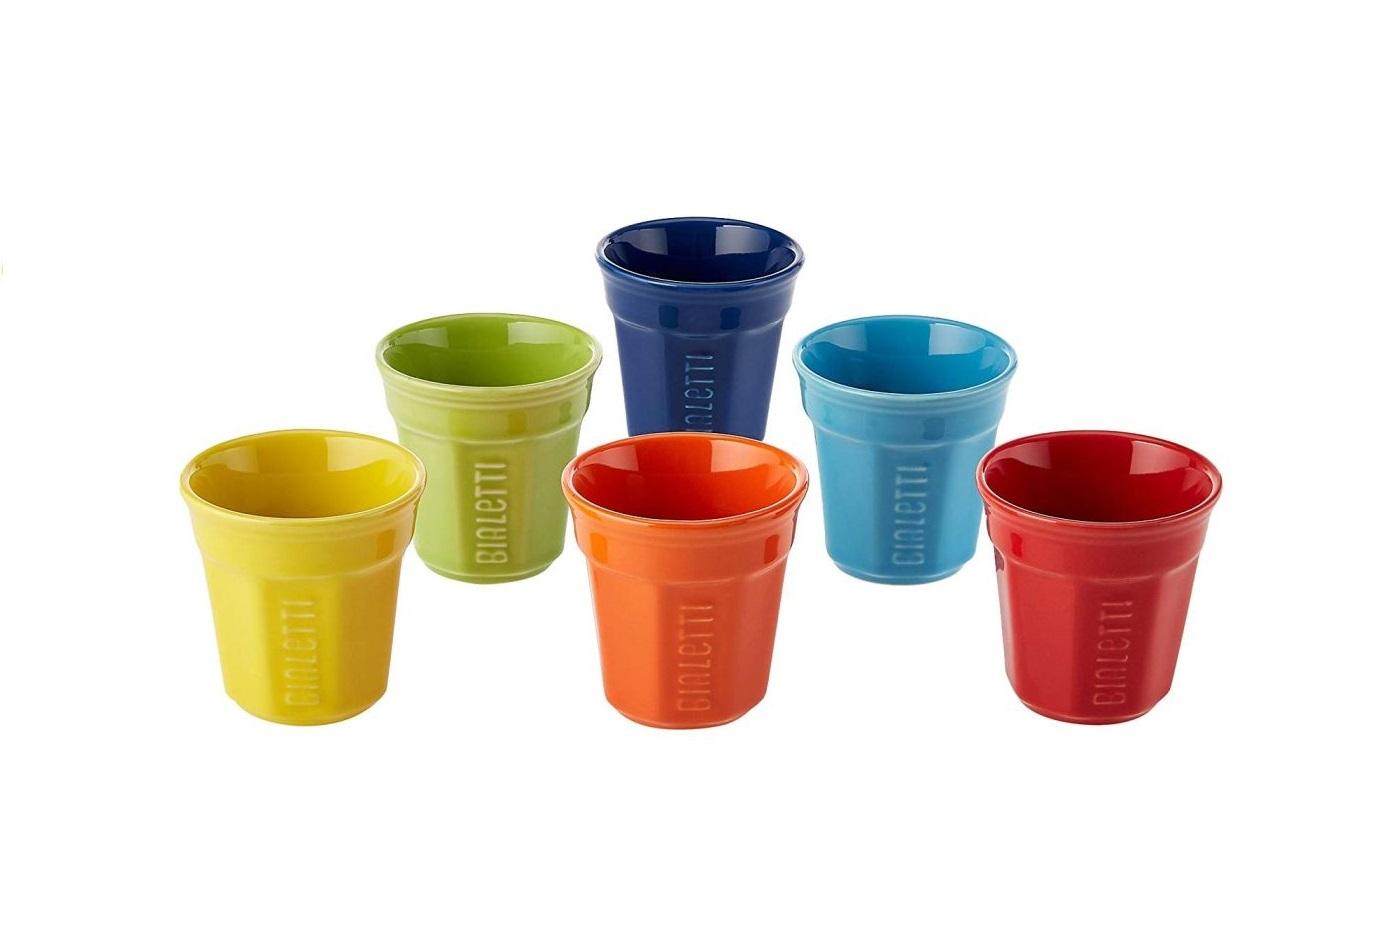 Sada 6 šálků na espreso 90 ml barevný - Bialetti